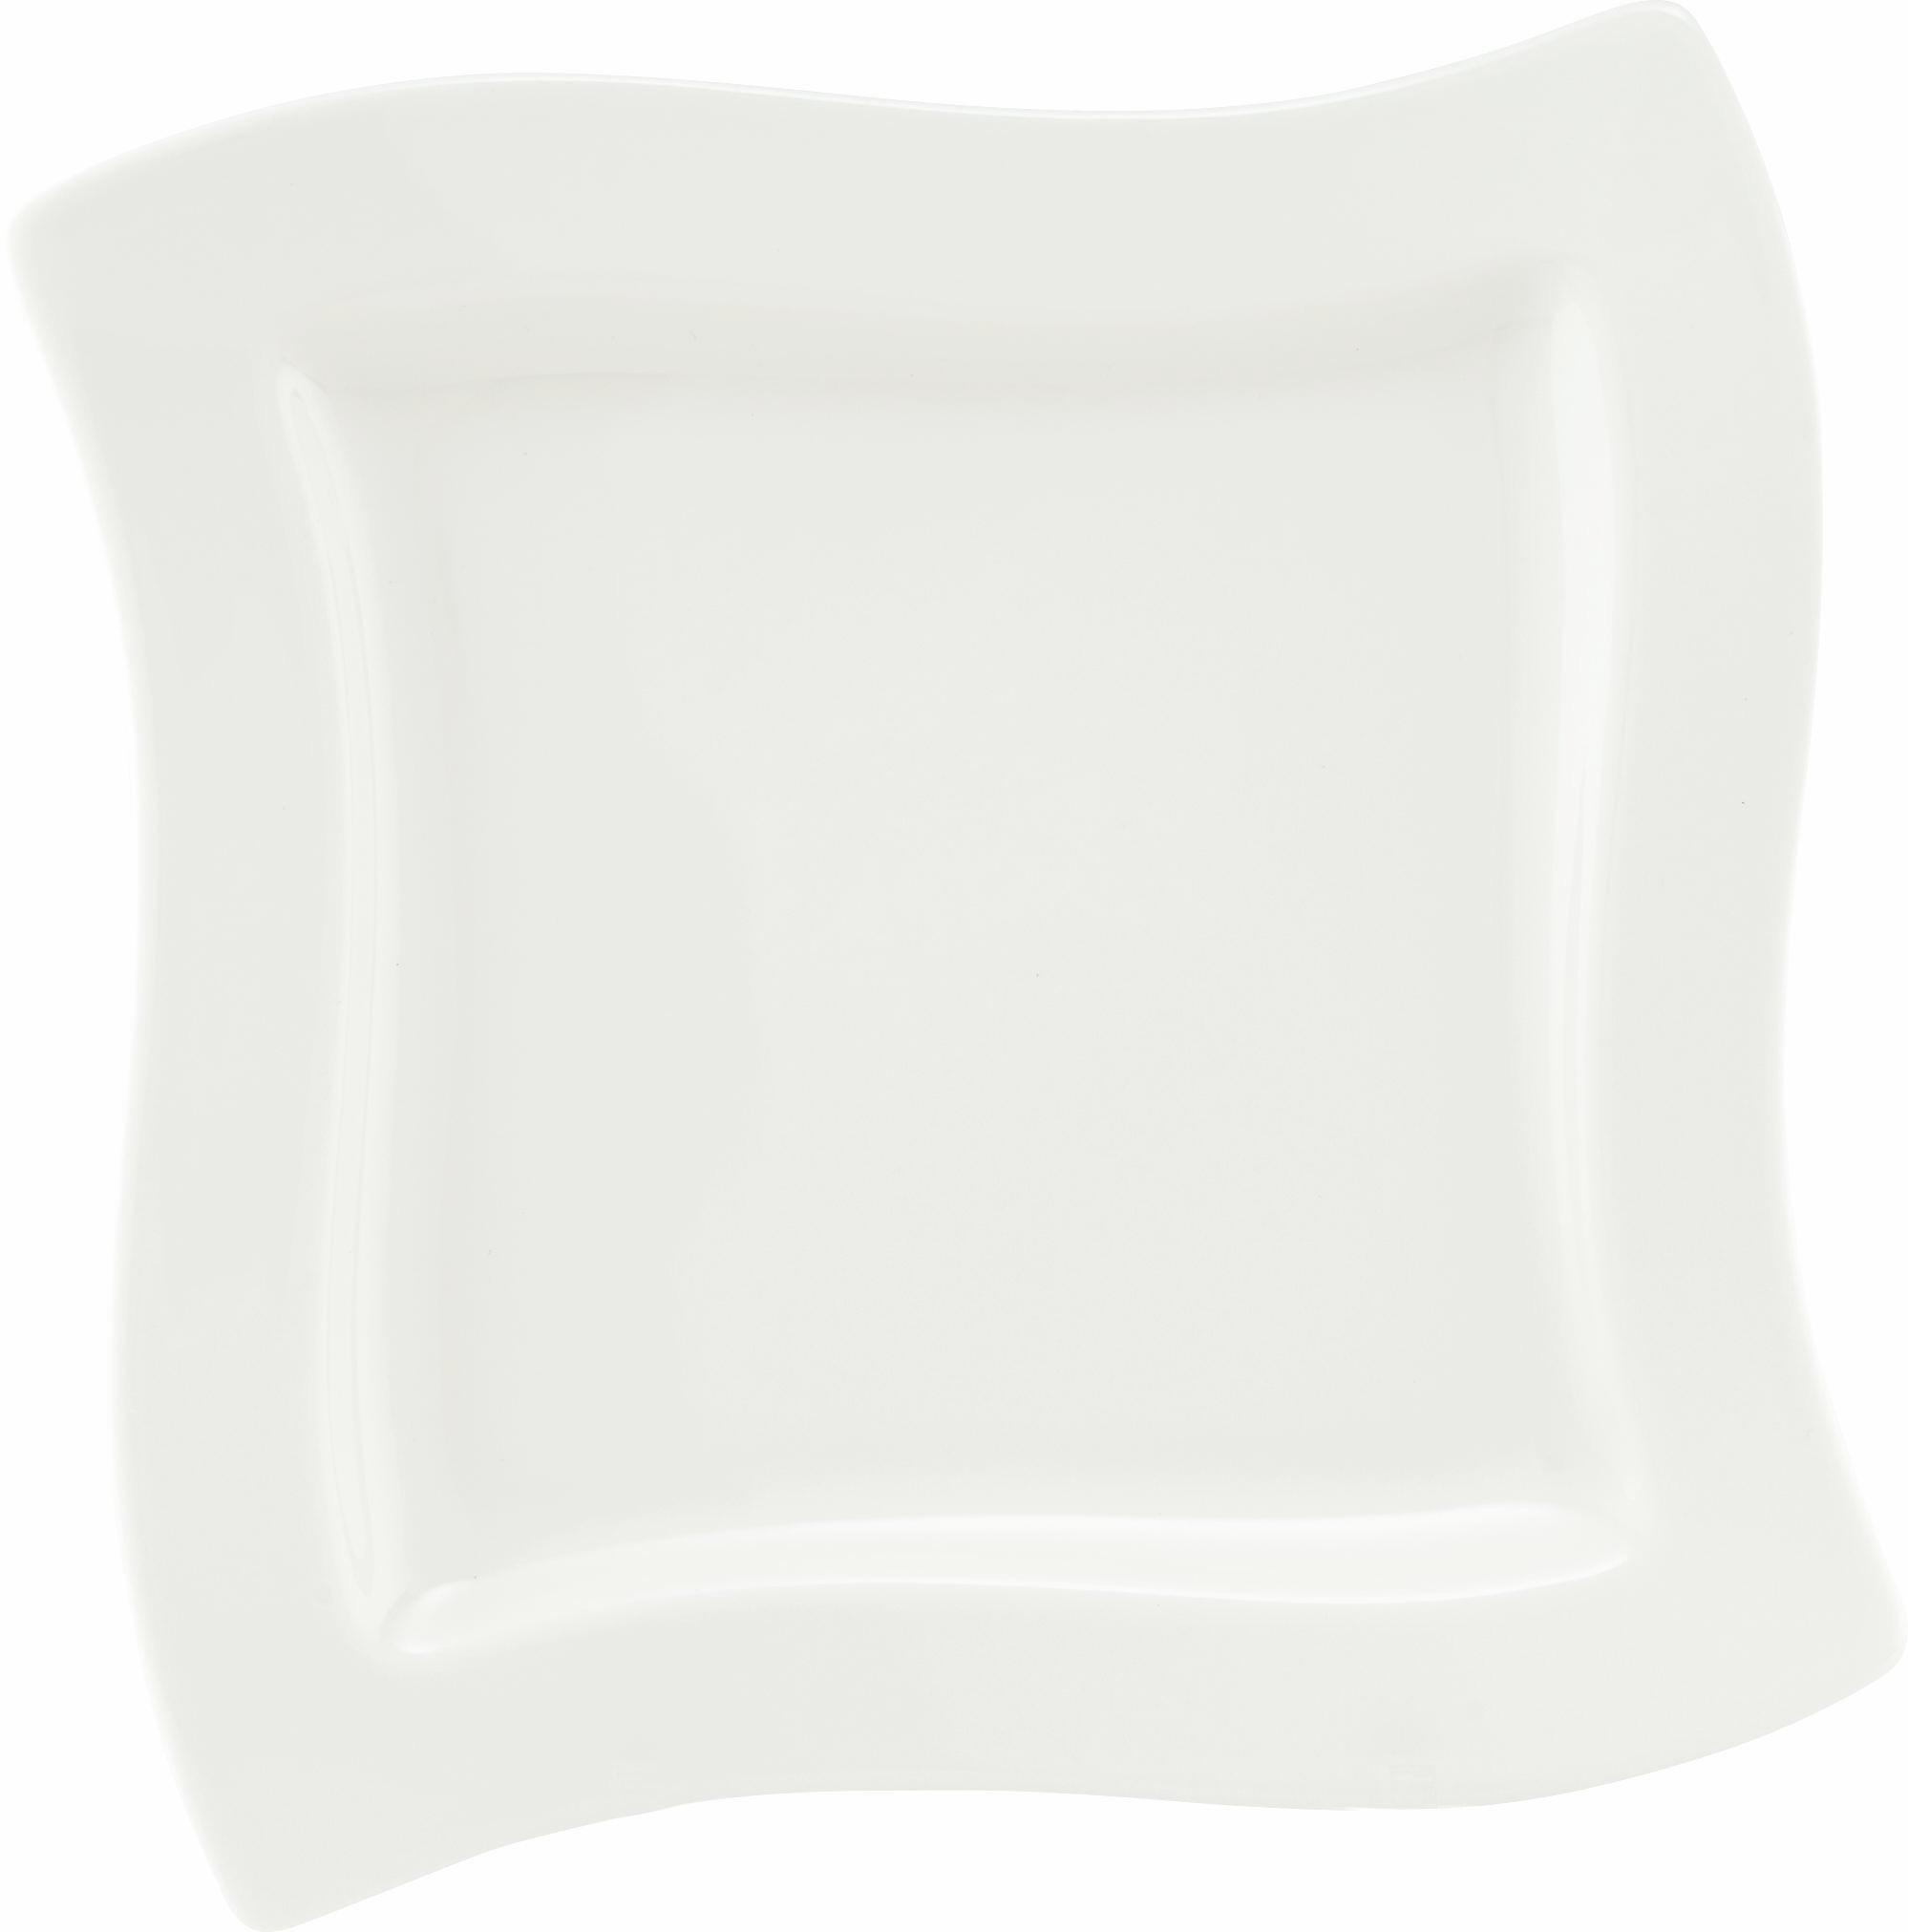 DESSERTTELLER 24/24 cm - Weiß, Basics, Keramik (24/24cm) - VILLEROY & BOCH